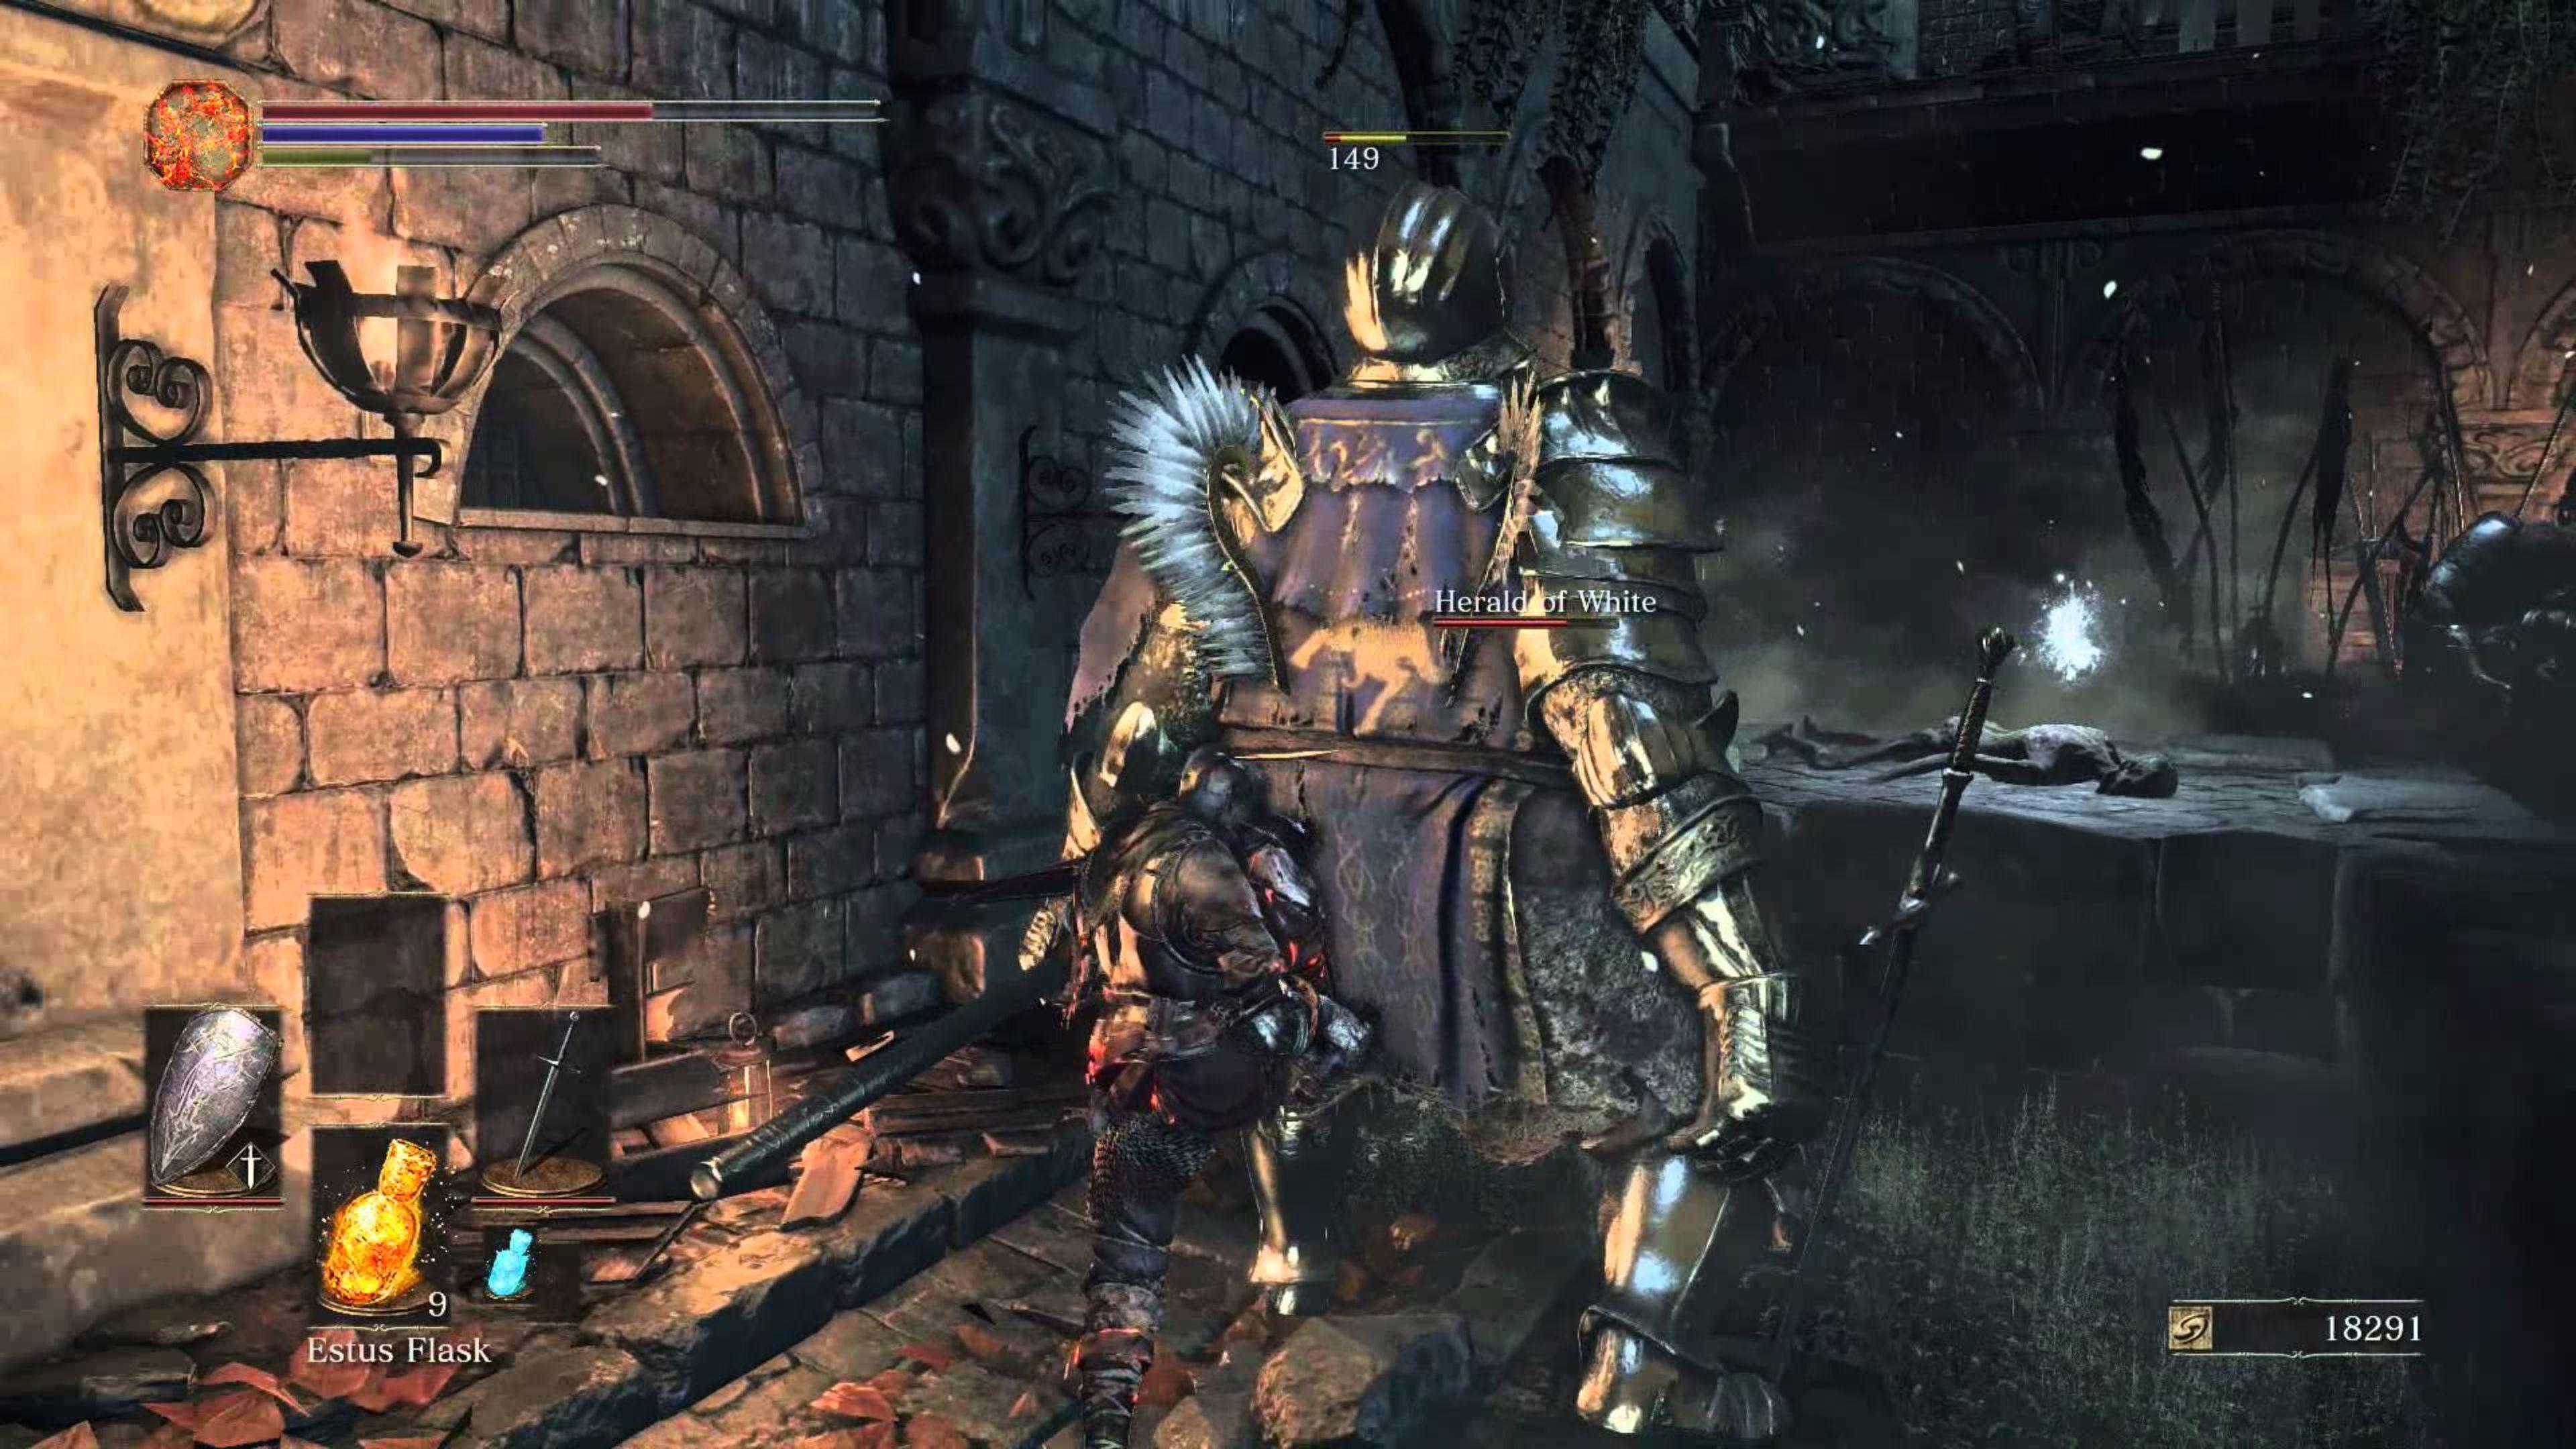 44+ Dark Souls 3 wallpapers ·① Download free full HD ...